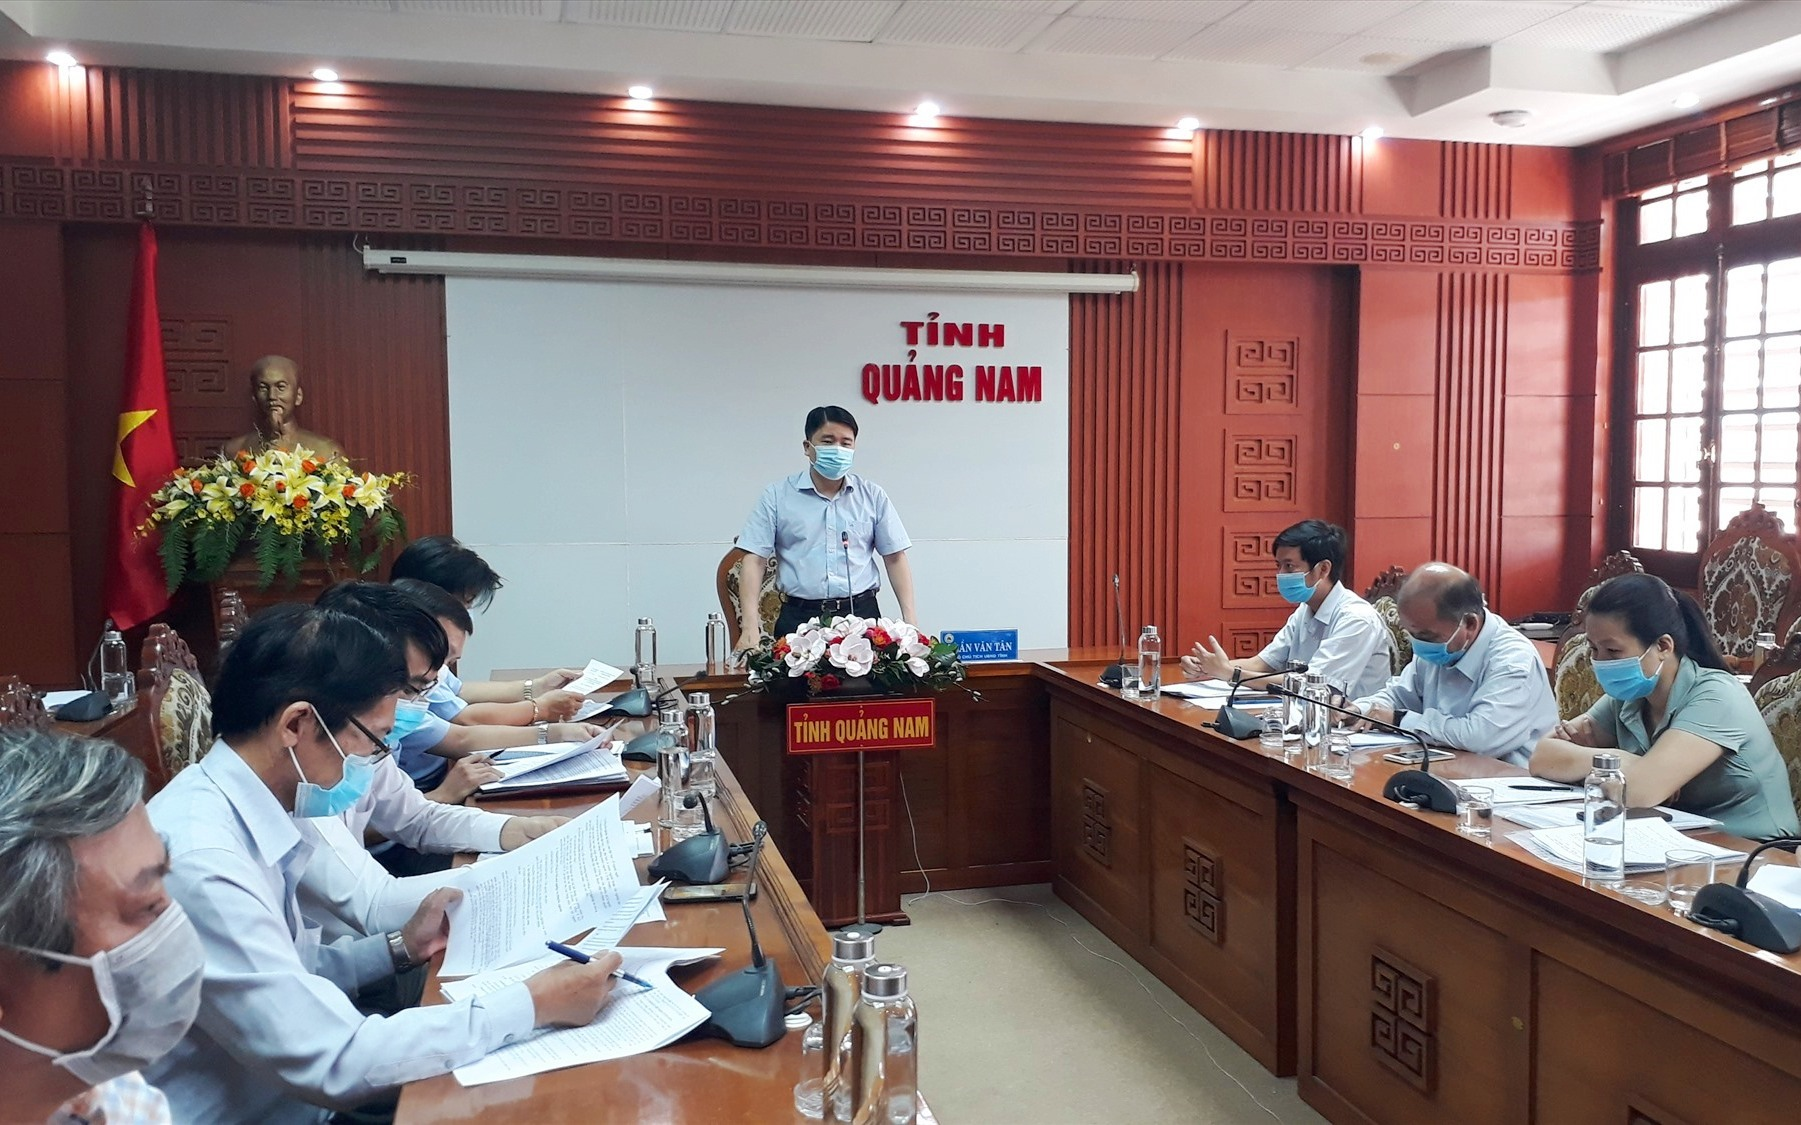 Phó Chủ tịch UBND tỉnh Trần Văn Tân đồng ý để Điện Bàn tổ chức thi tuyển viên chức giáo dục. Ảnh: X.P